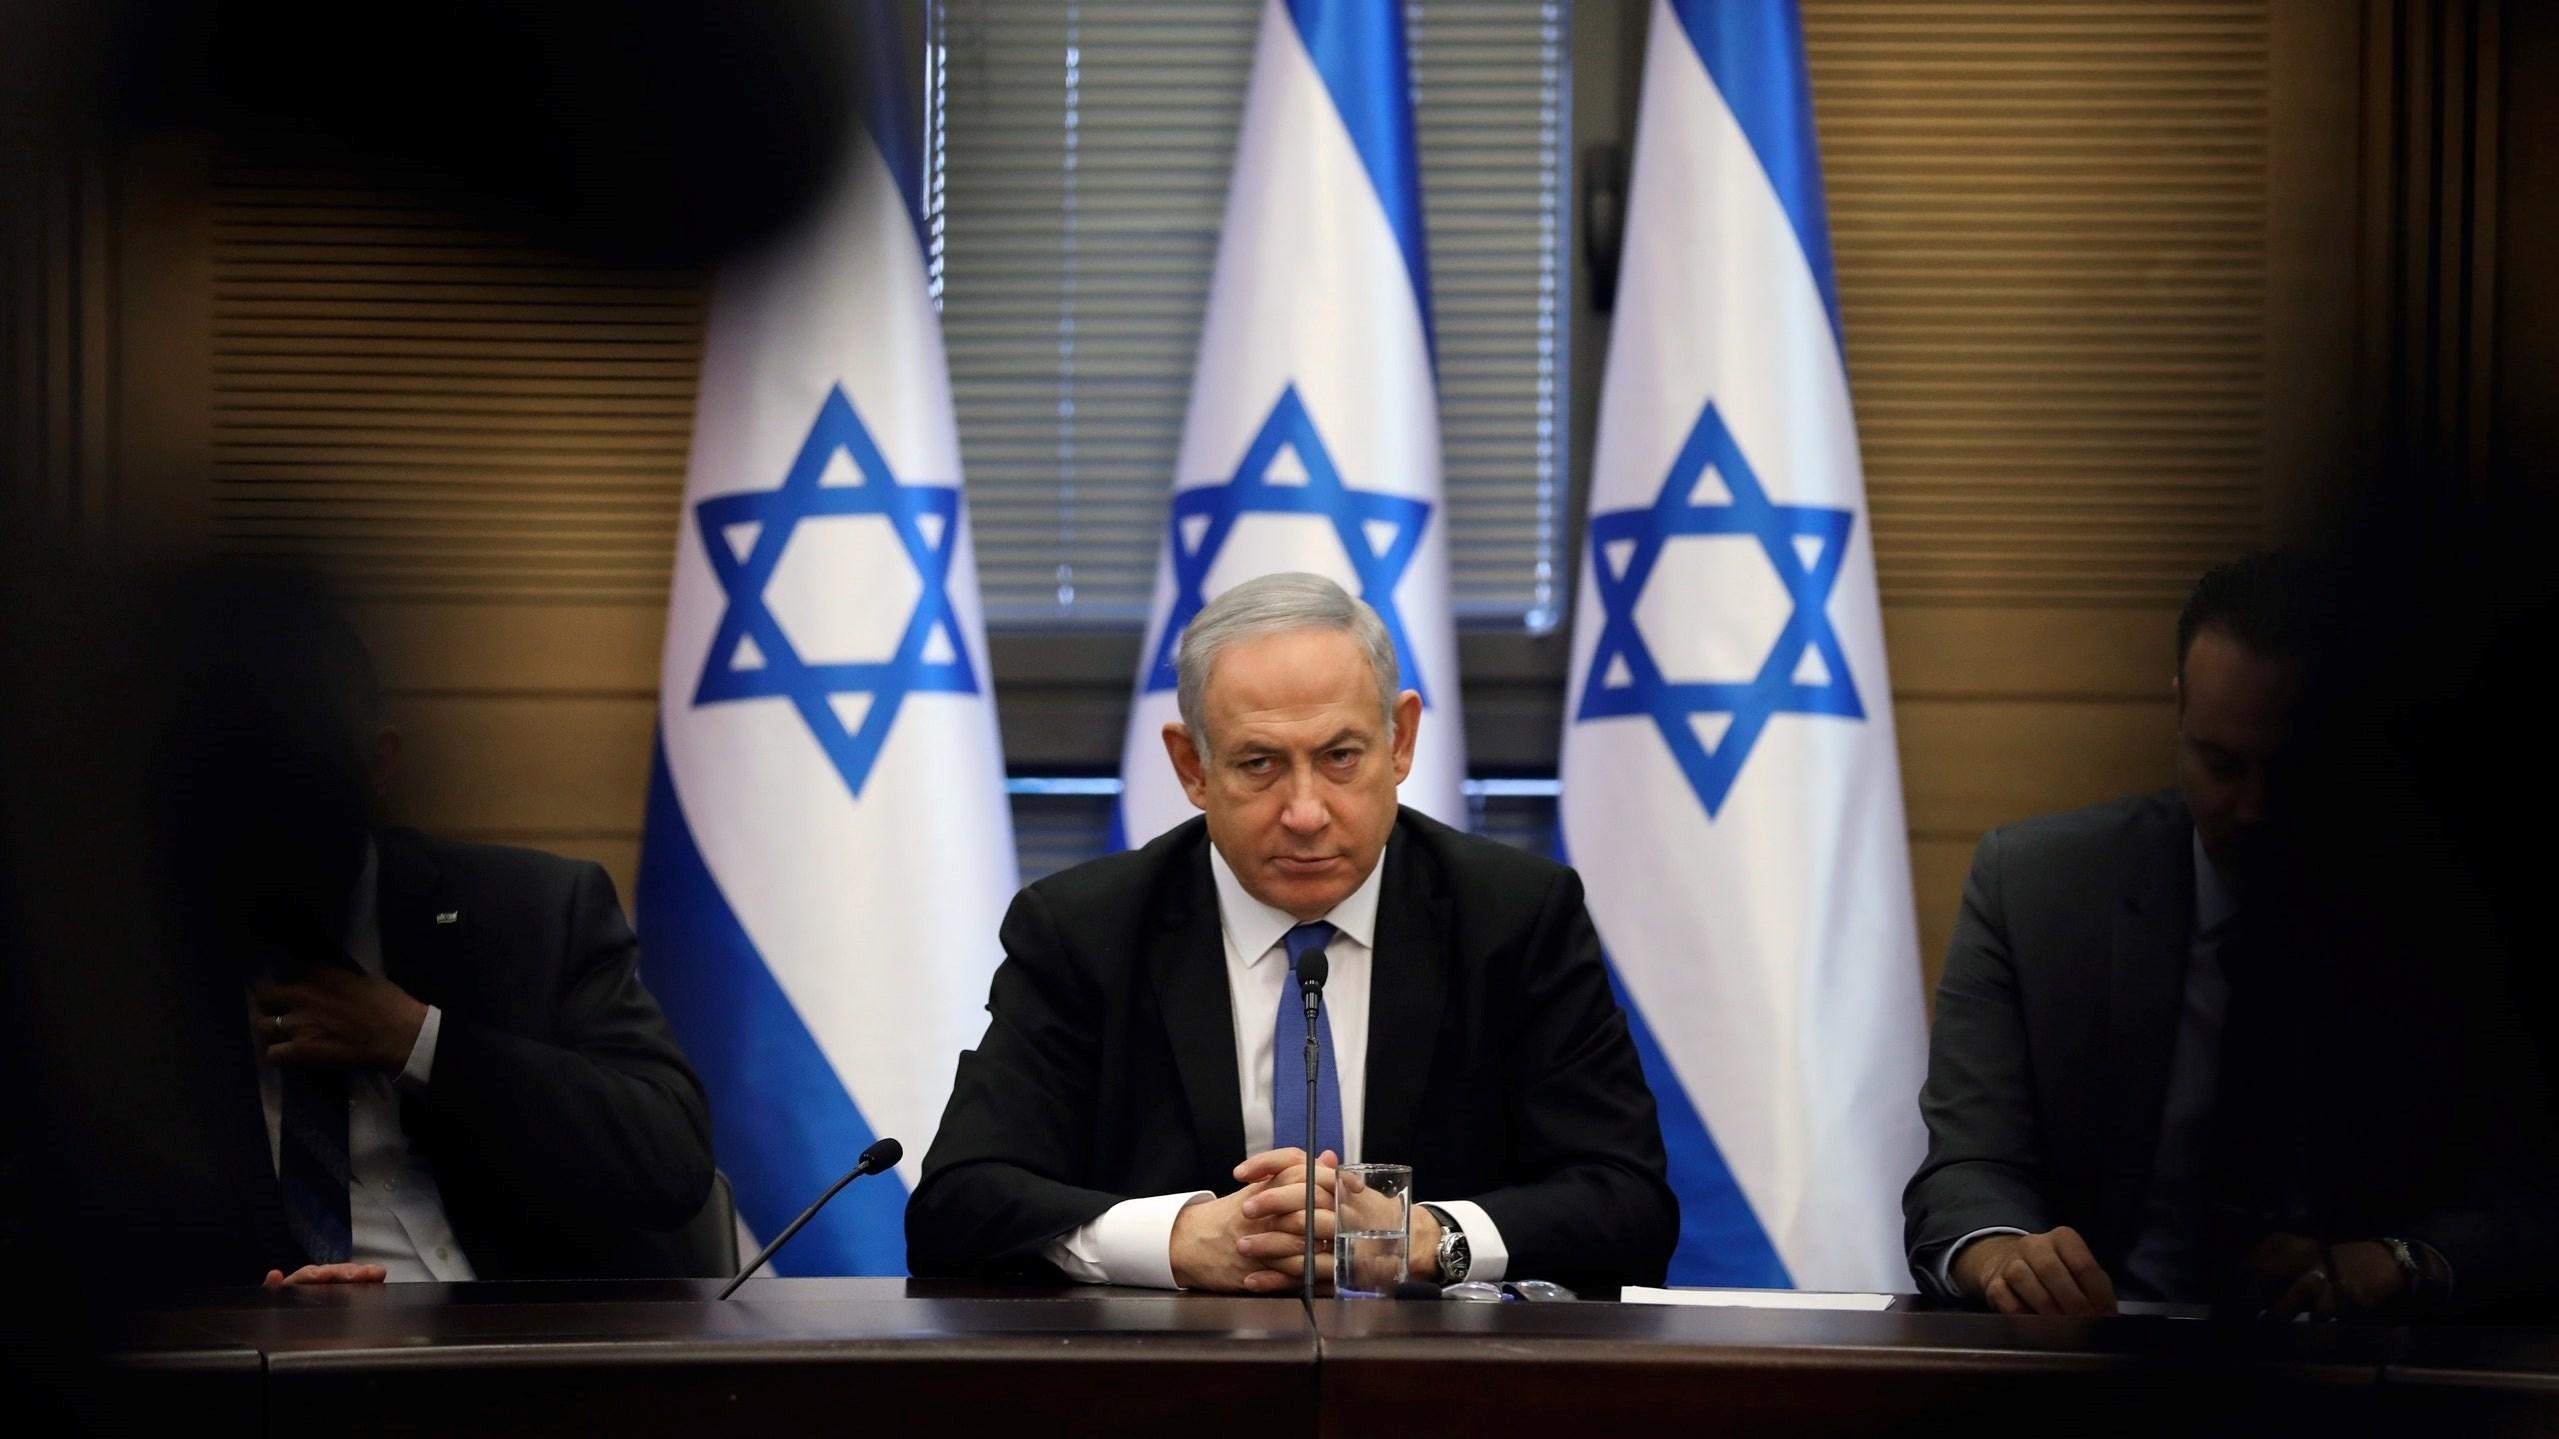 وسائل إعلام إسرائيلية: قرار المحكمة يمكن أن يضع مسؤولين إسرائيليين كبار في مواجهة إجراءات جنائية وحتى أوامر اعتقال